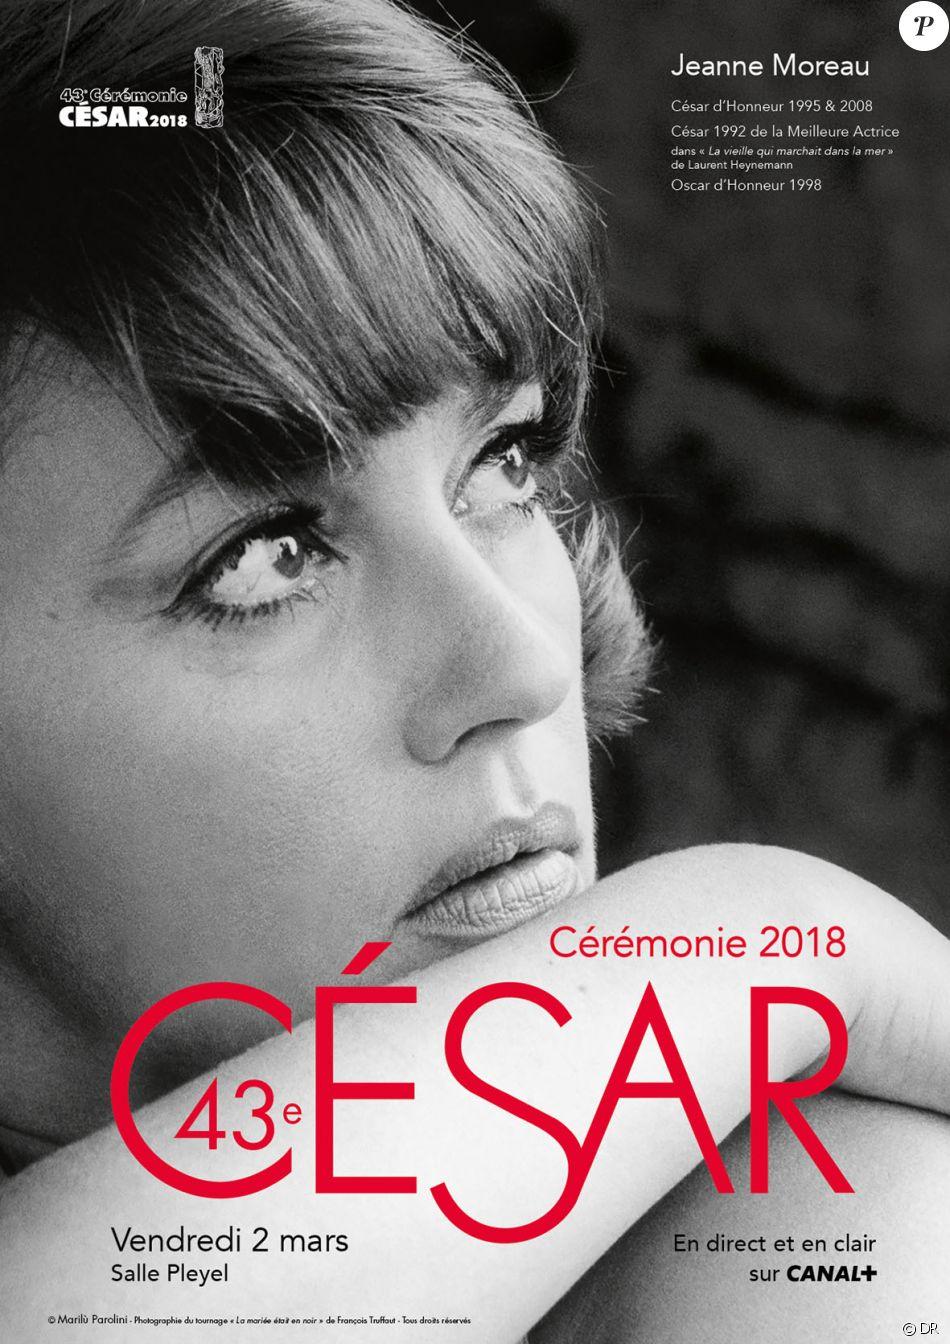 Affiche de la 43e cérémonie des César qui se tiendra le 2 mars 2018